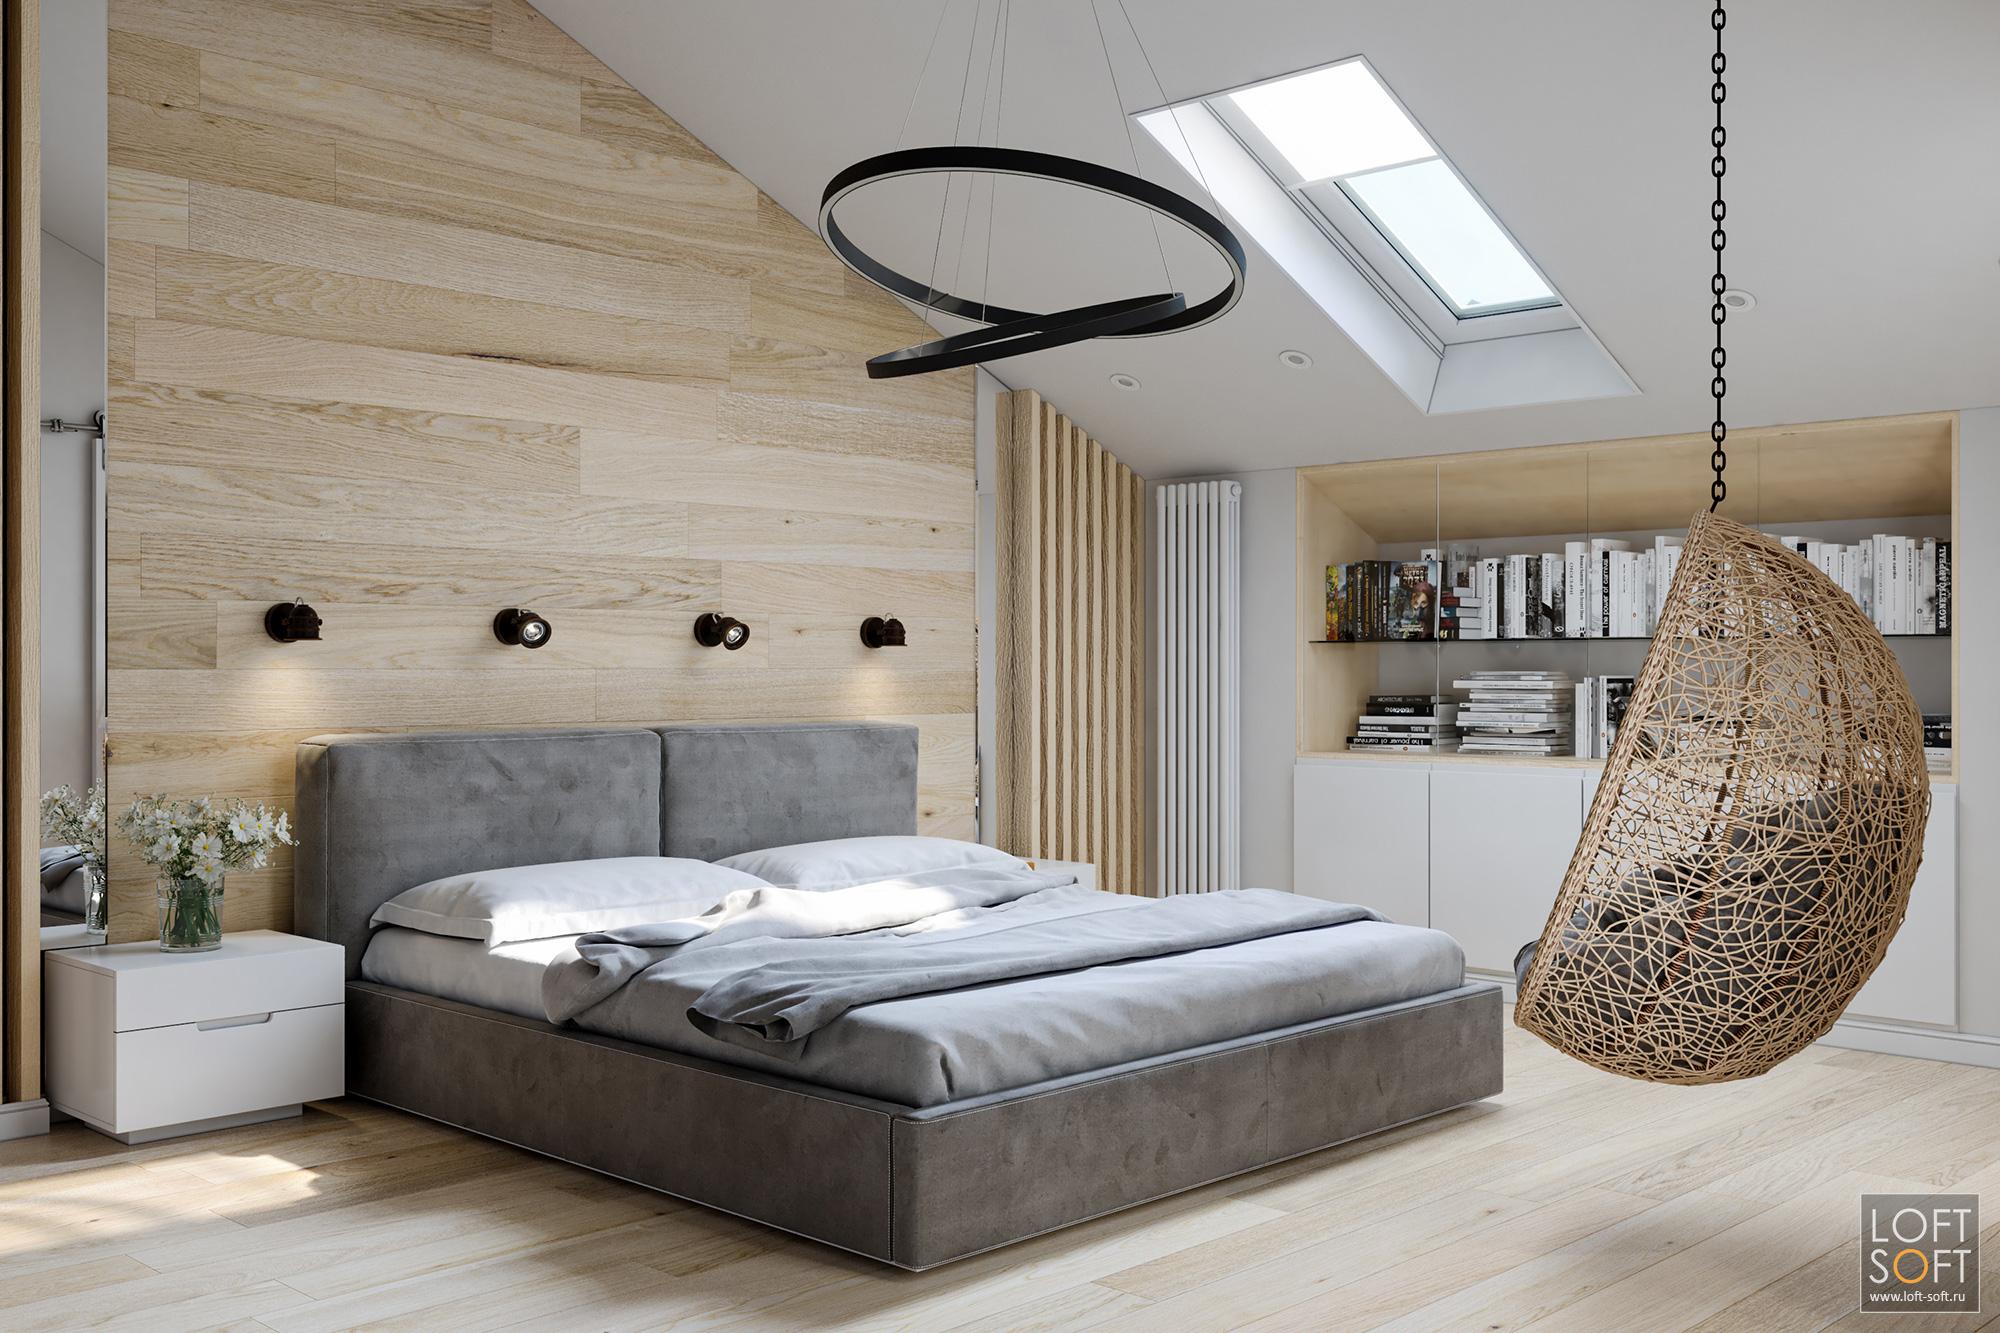 современный минимализм винтерьере, современная спальня